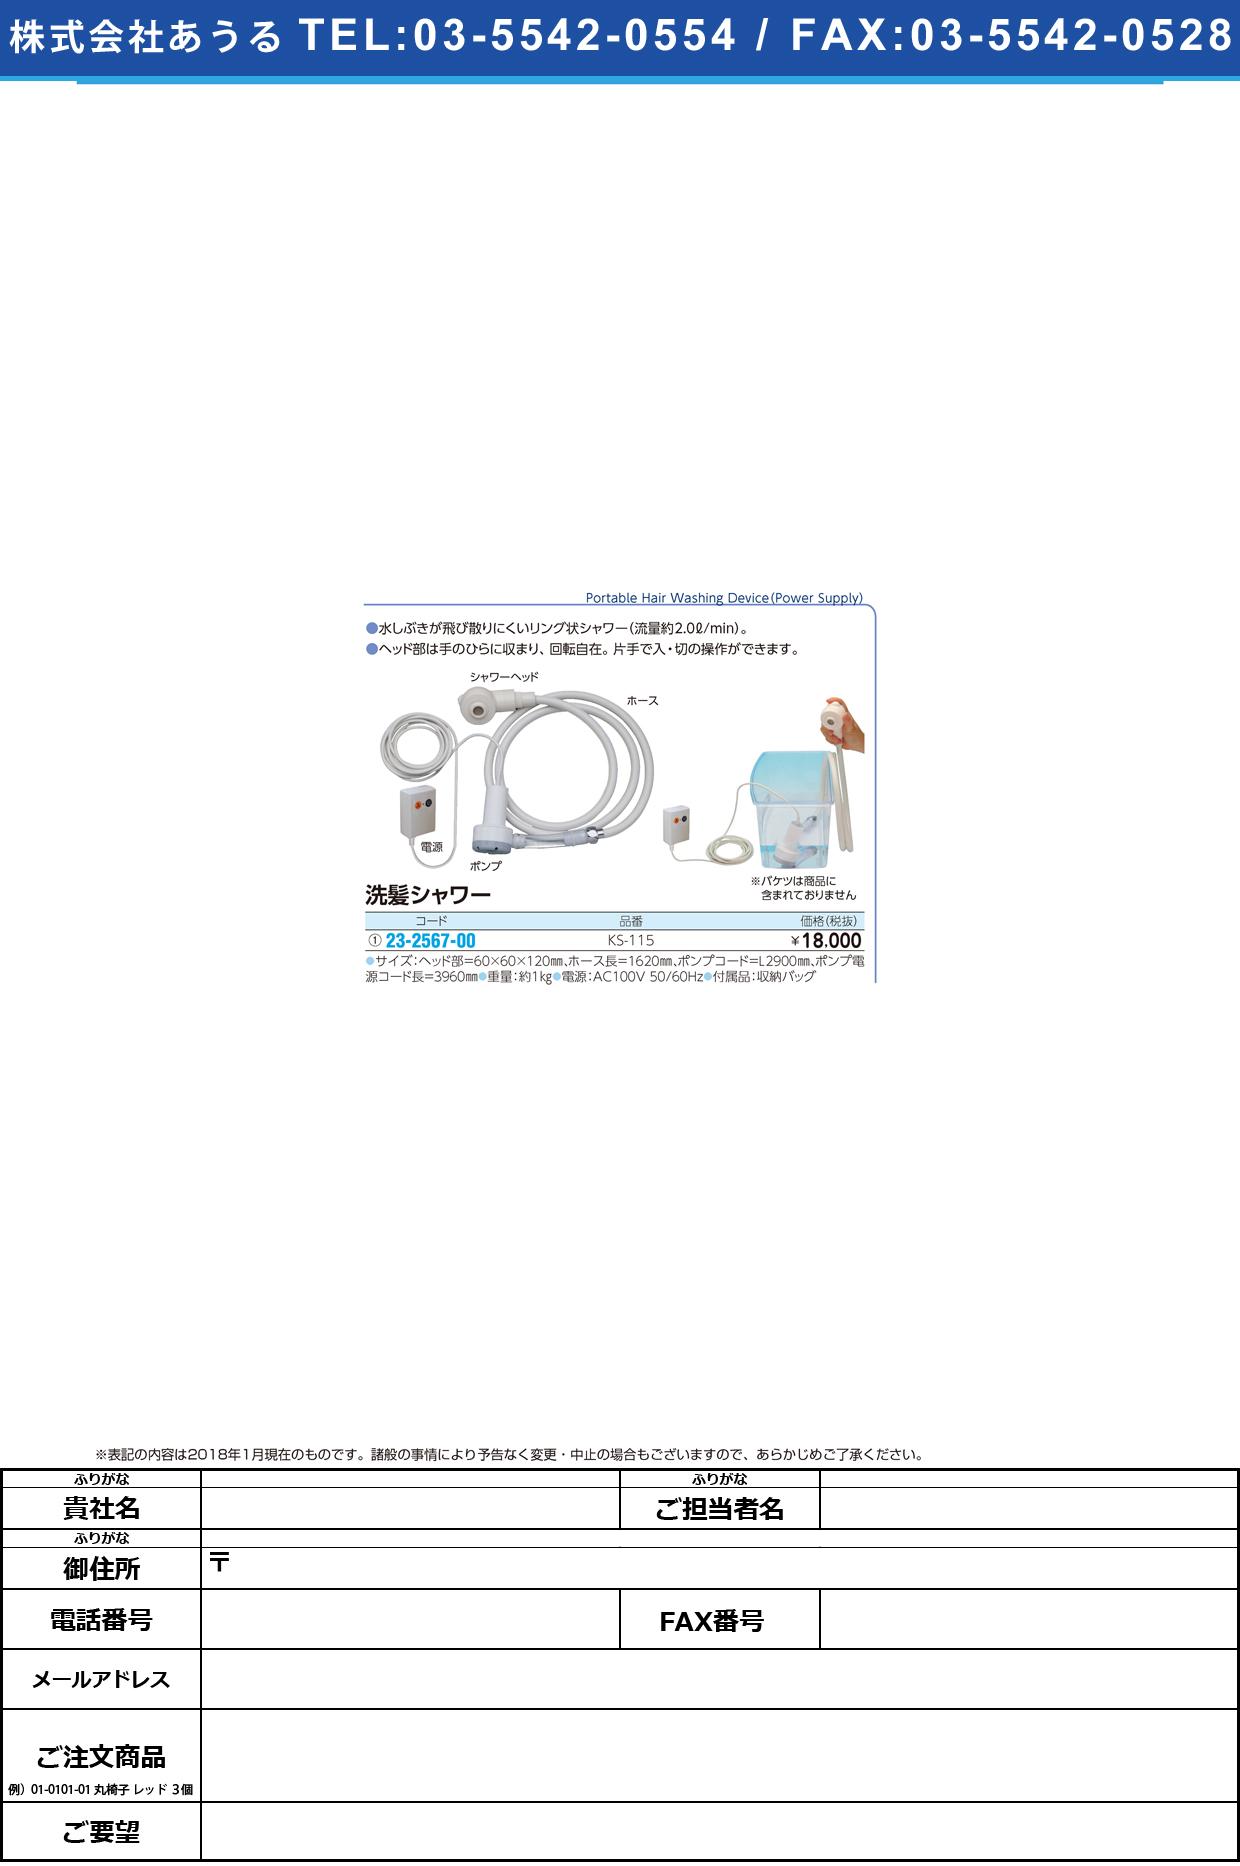 (23-2567-00)洗髪シャワー KS-115 センパツシャワー【1台単位】【2019年カタログ商品】